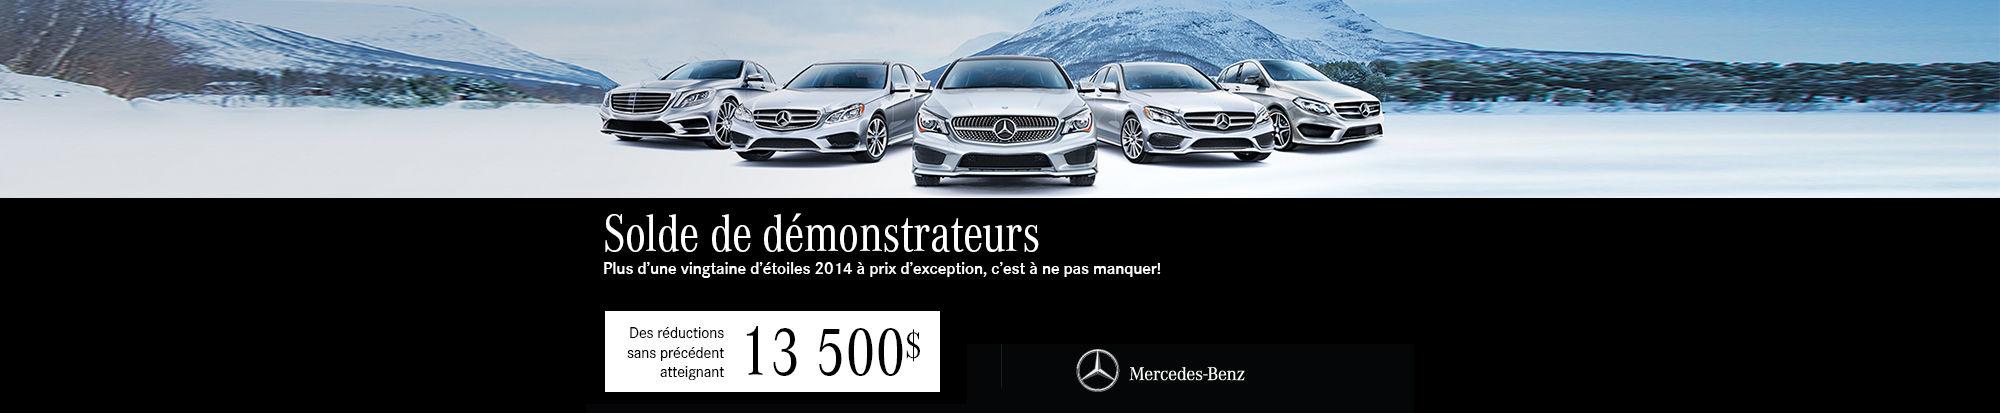 Solde de Démonstrateurs Mercedes